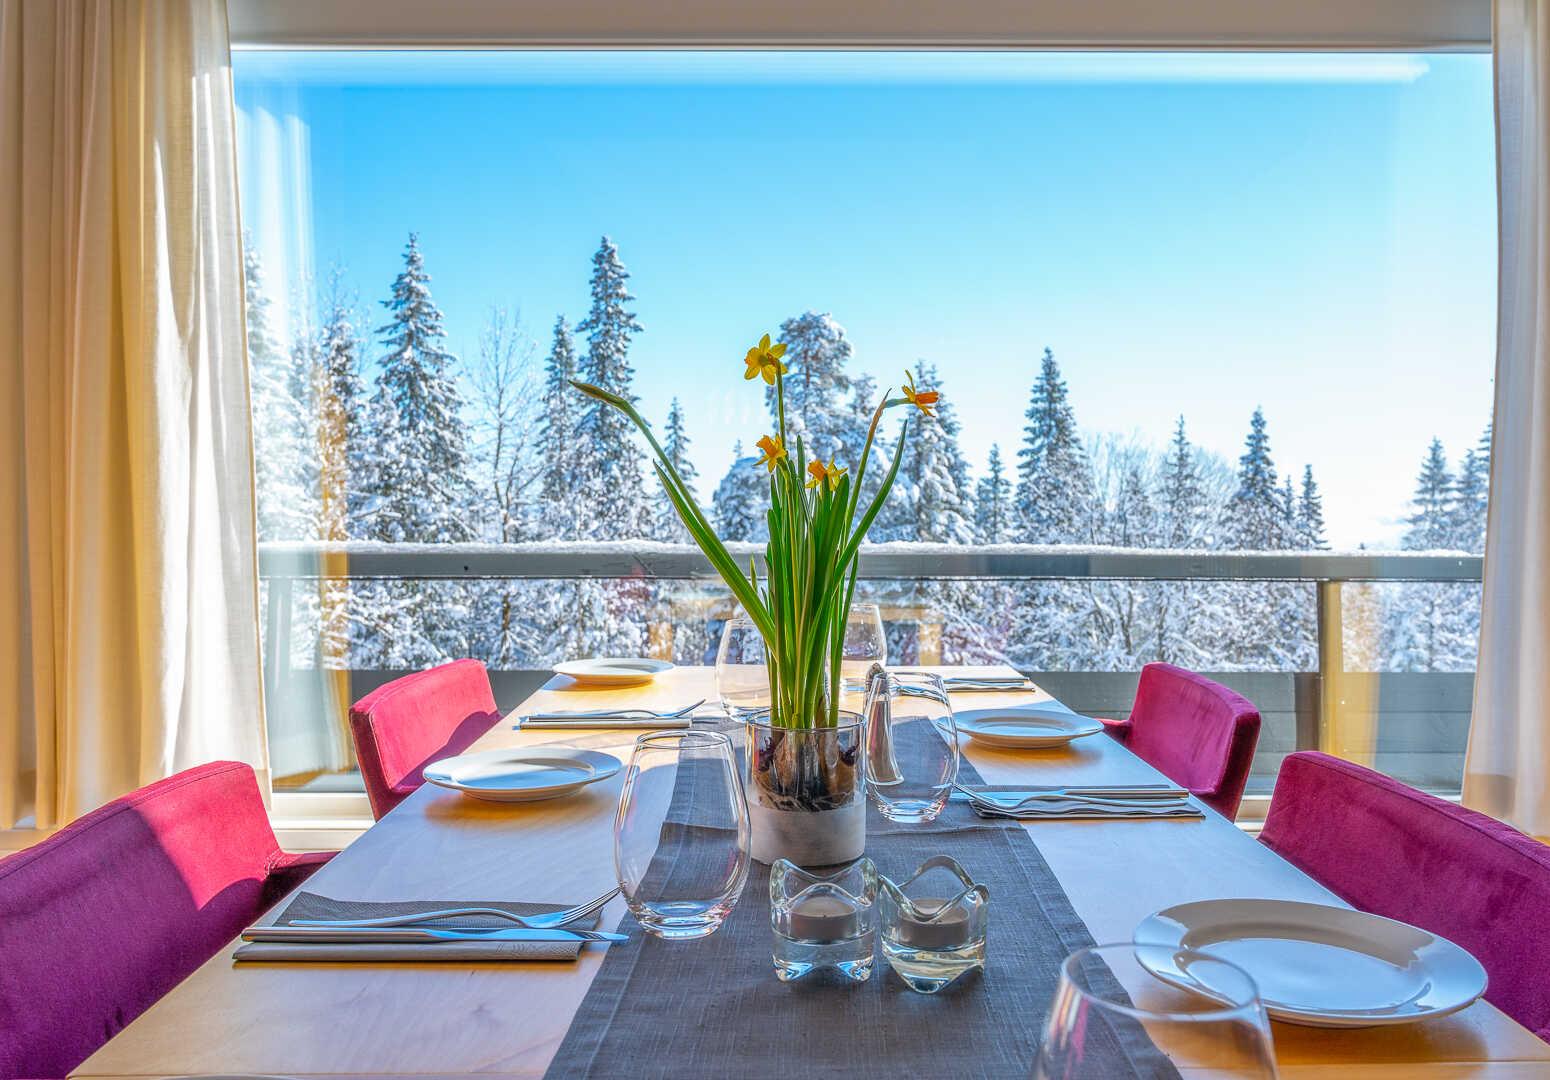 Pådekket bord i Voksenåsens restaurant